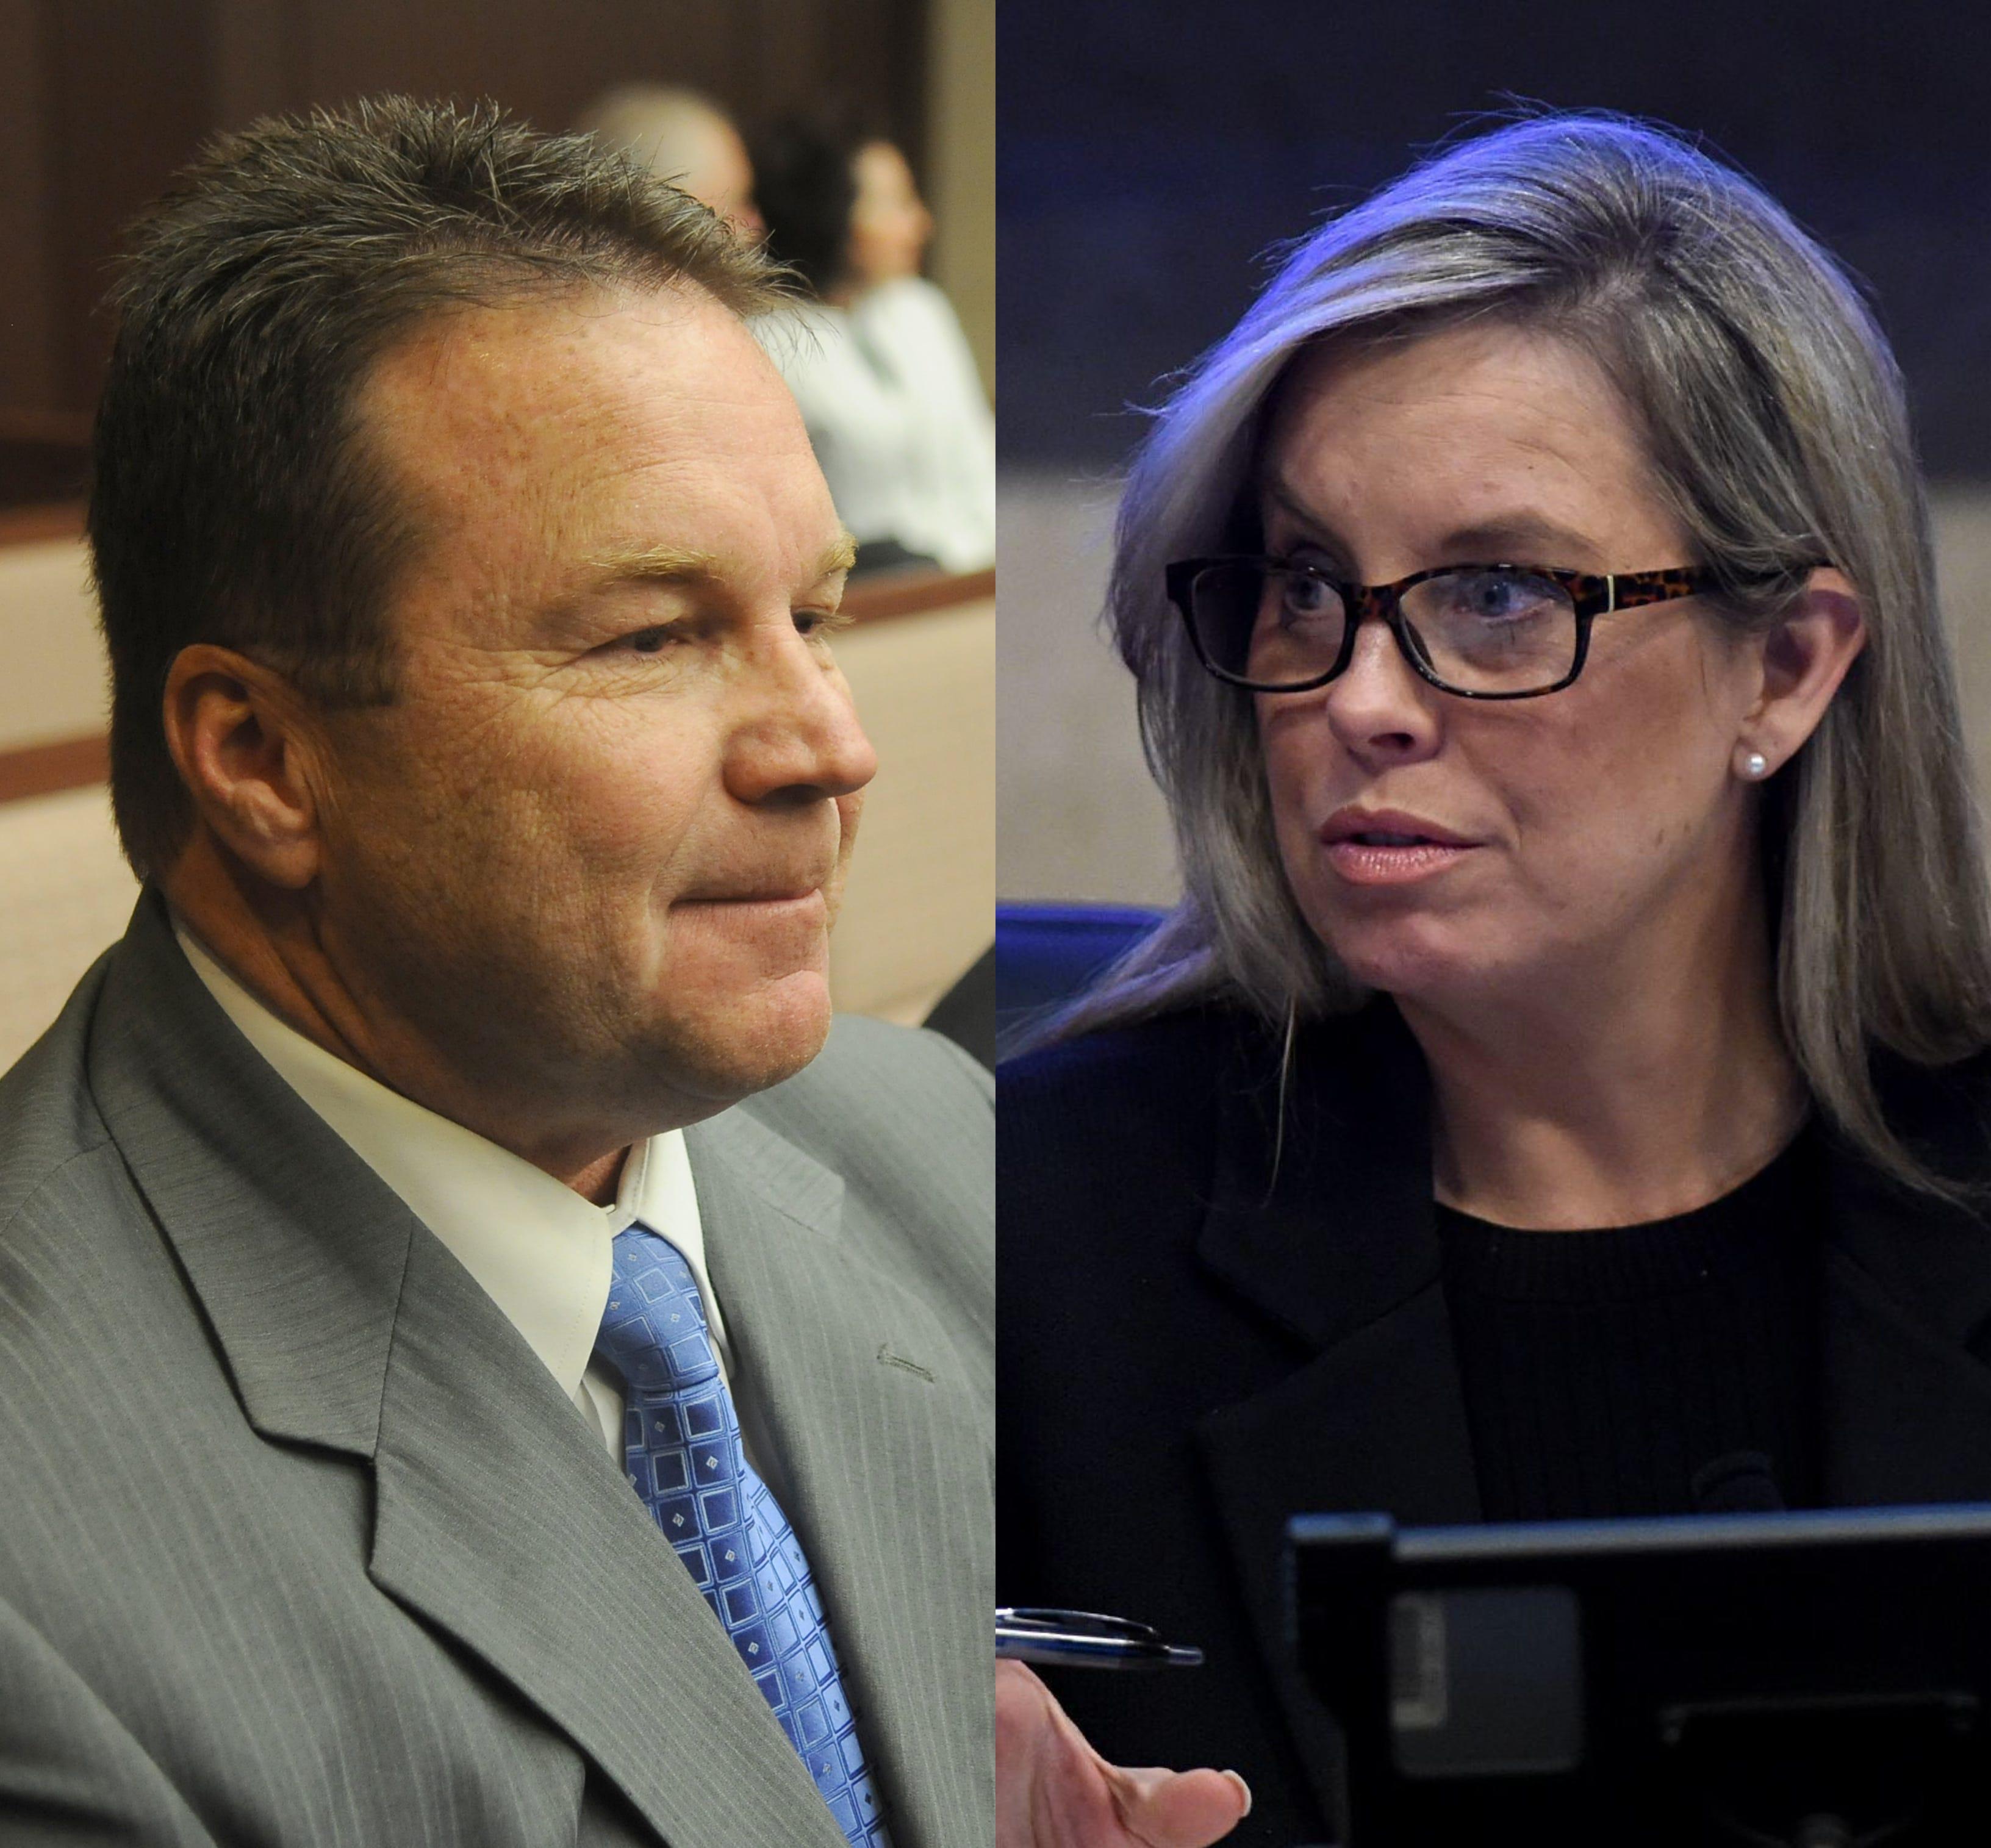 Watch: Eddie Lorton, Hillary Schieve in Reno mayoral debate | Reno Gazette Journal